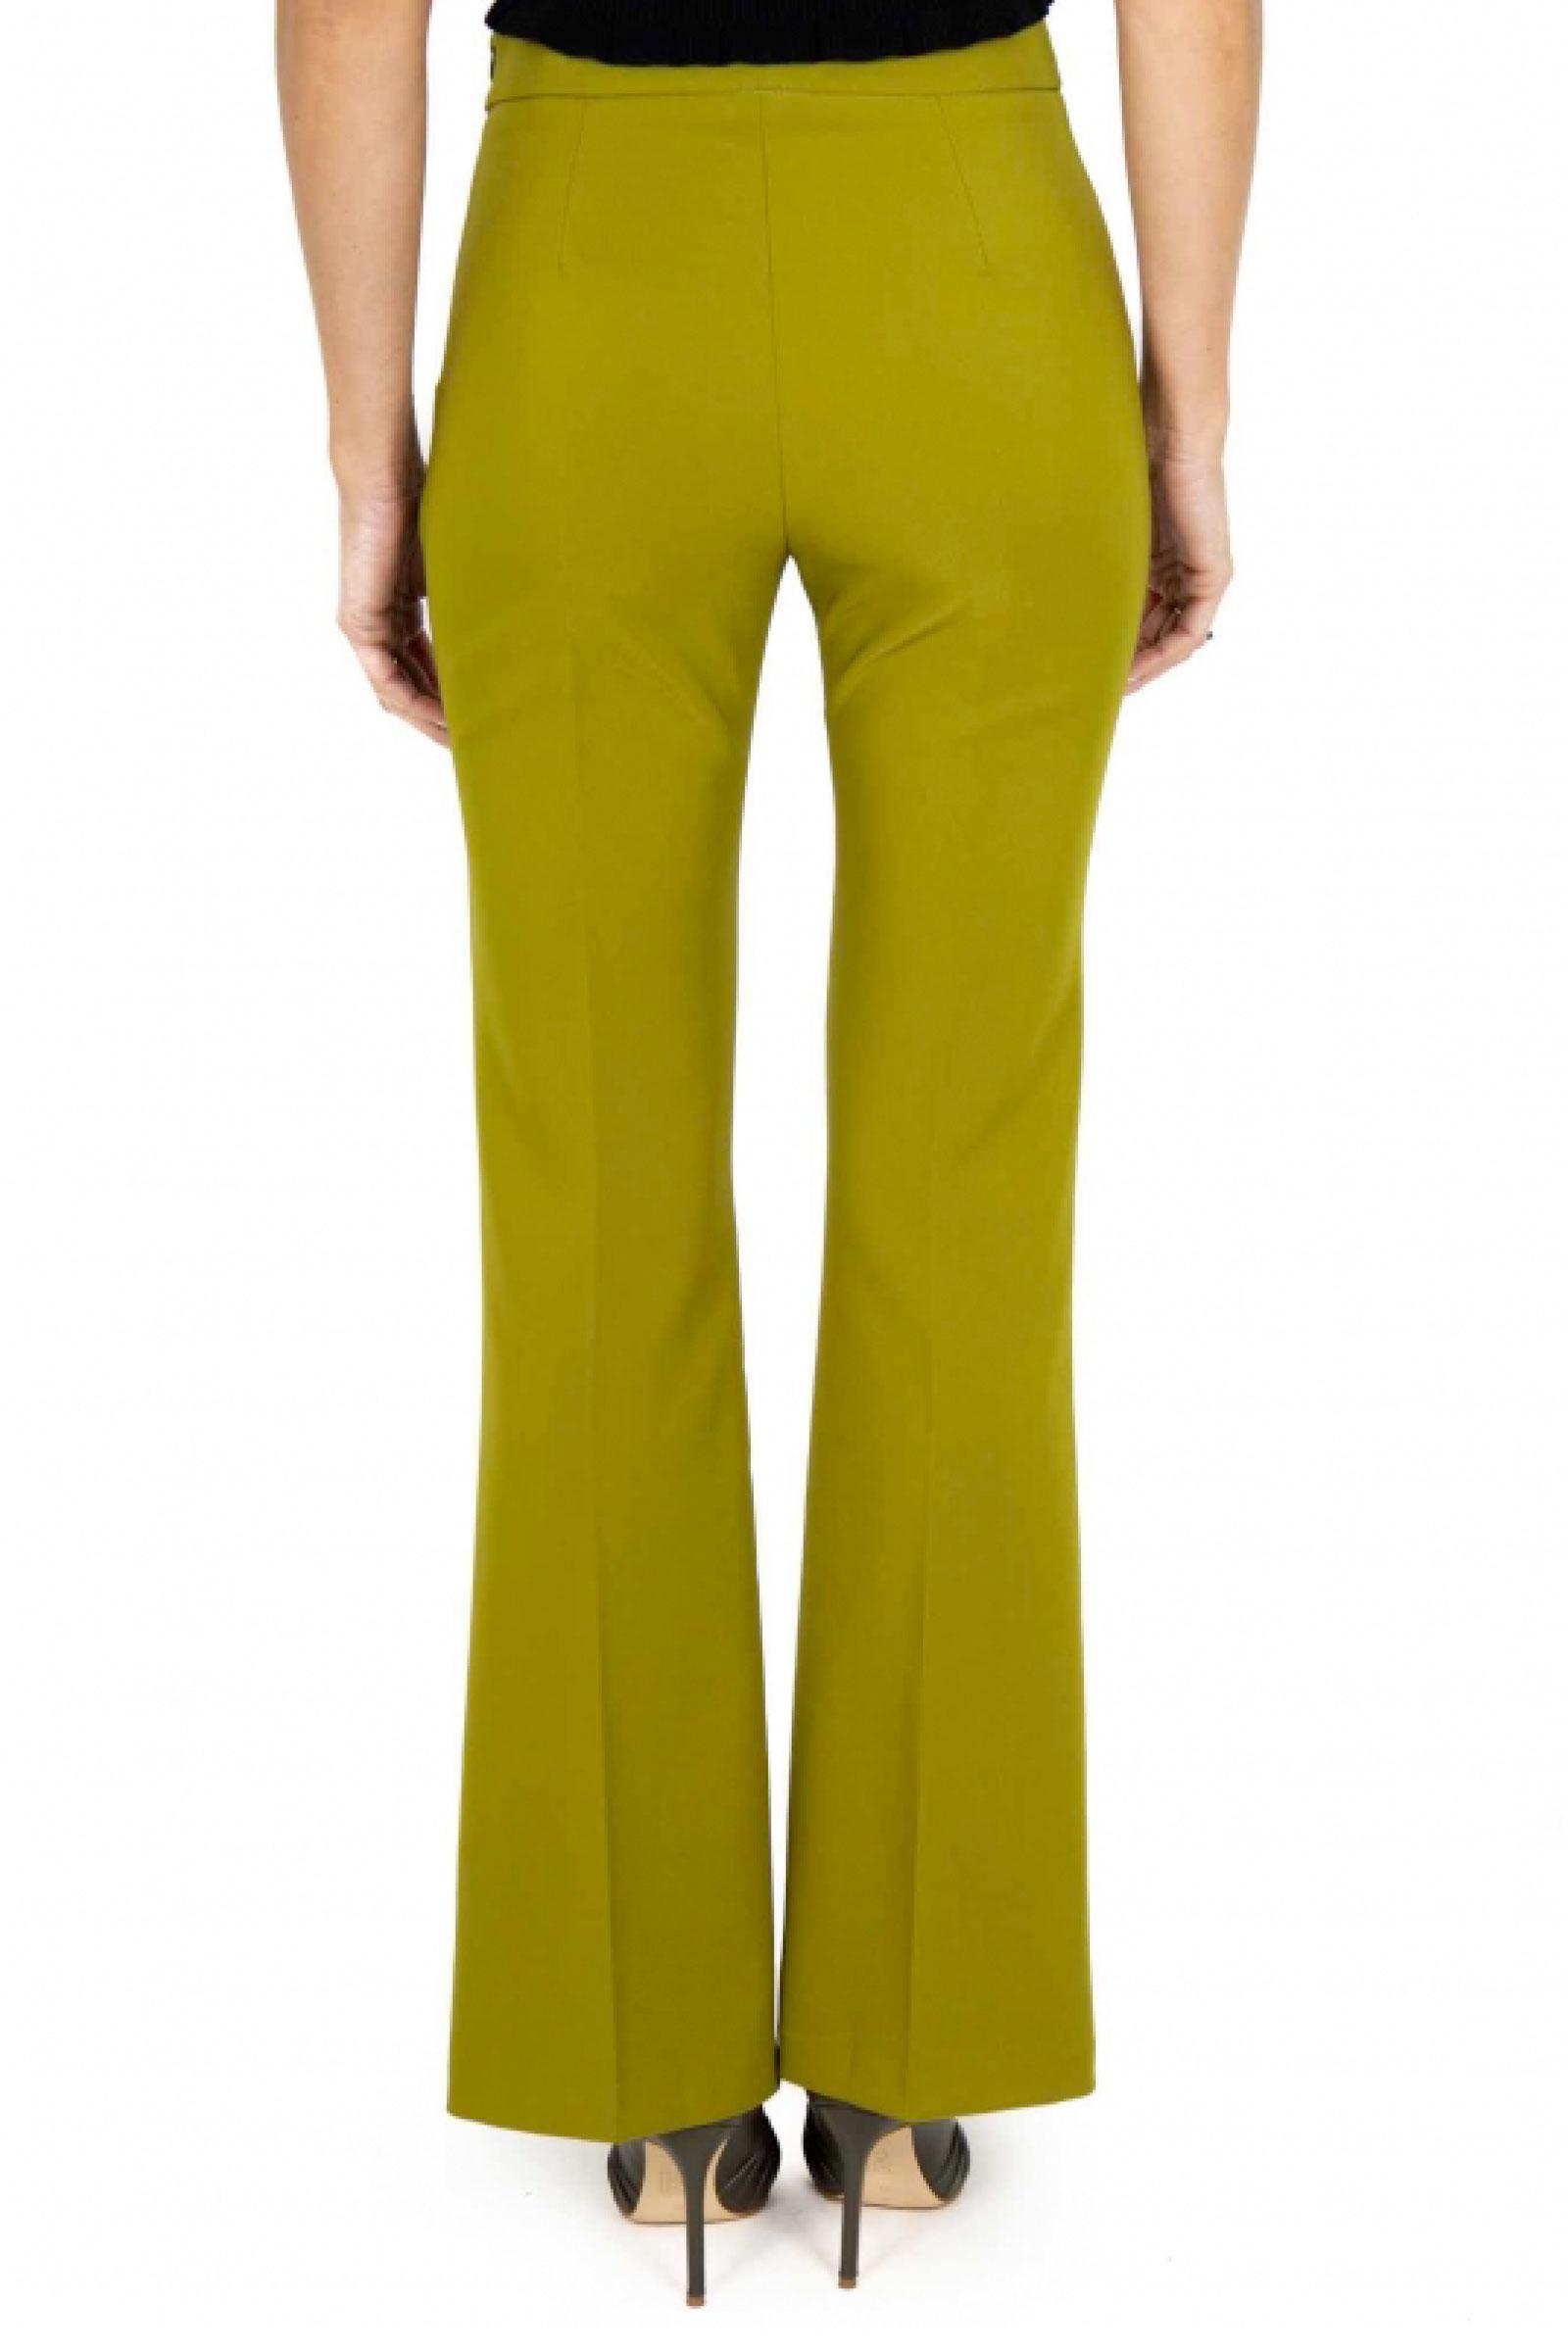 Pantalone Donna RINASCIMENTO   Pantalone   CFC0105058003B141